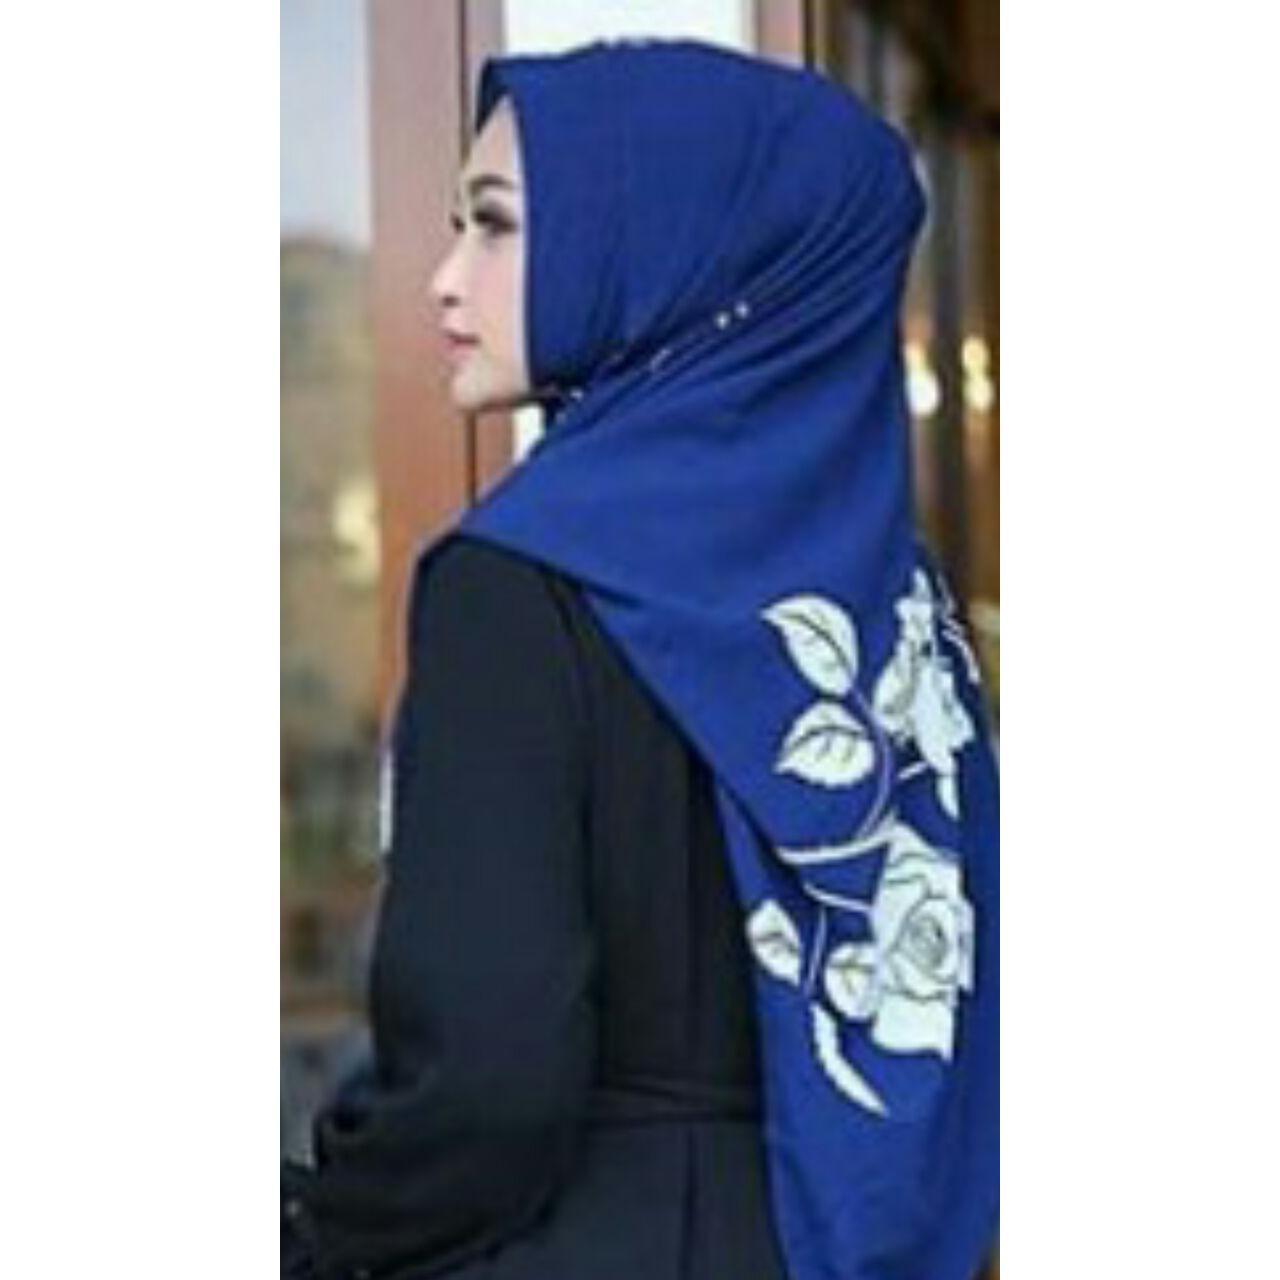 Jual Mooie Pashtan Bunga Jilbab Instan Cantika Pashmina Instan Fristy Pastan Hijab Kerudung Pashmina Instan Devany Mooie Hijab Grosir